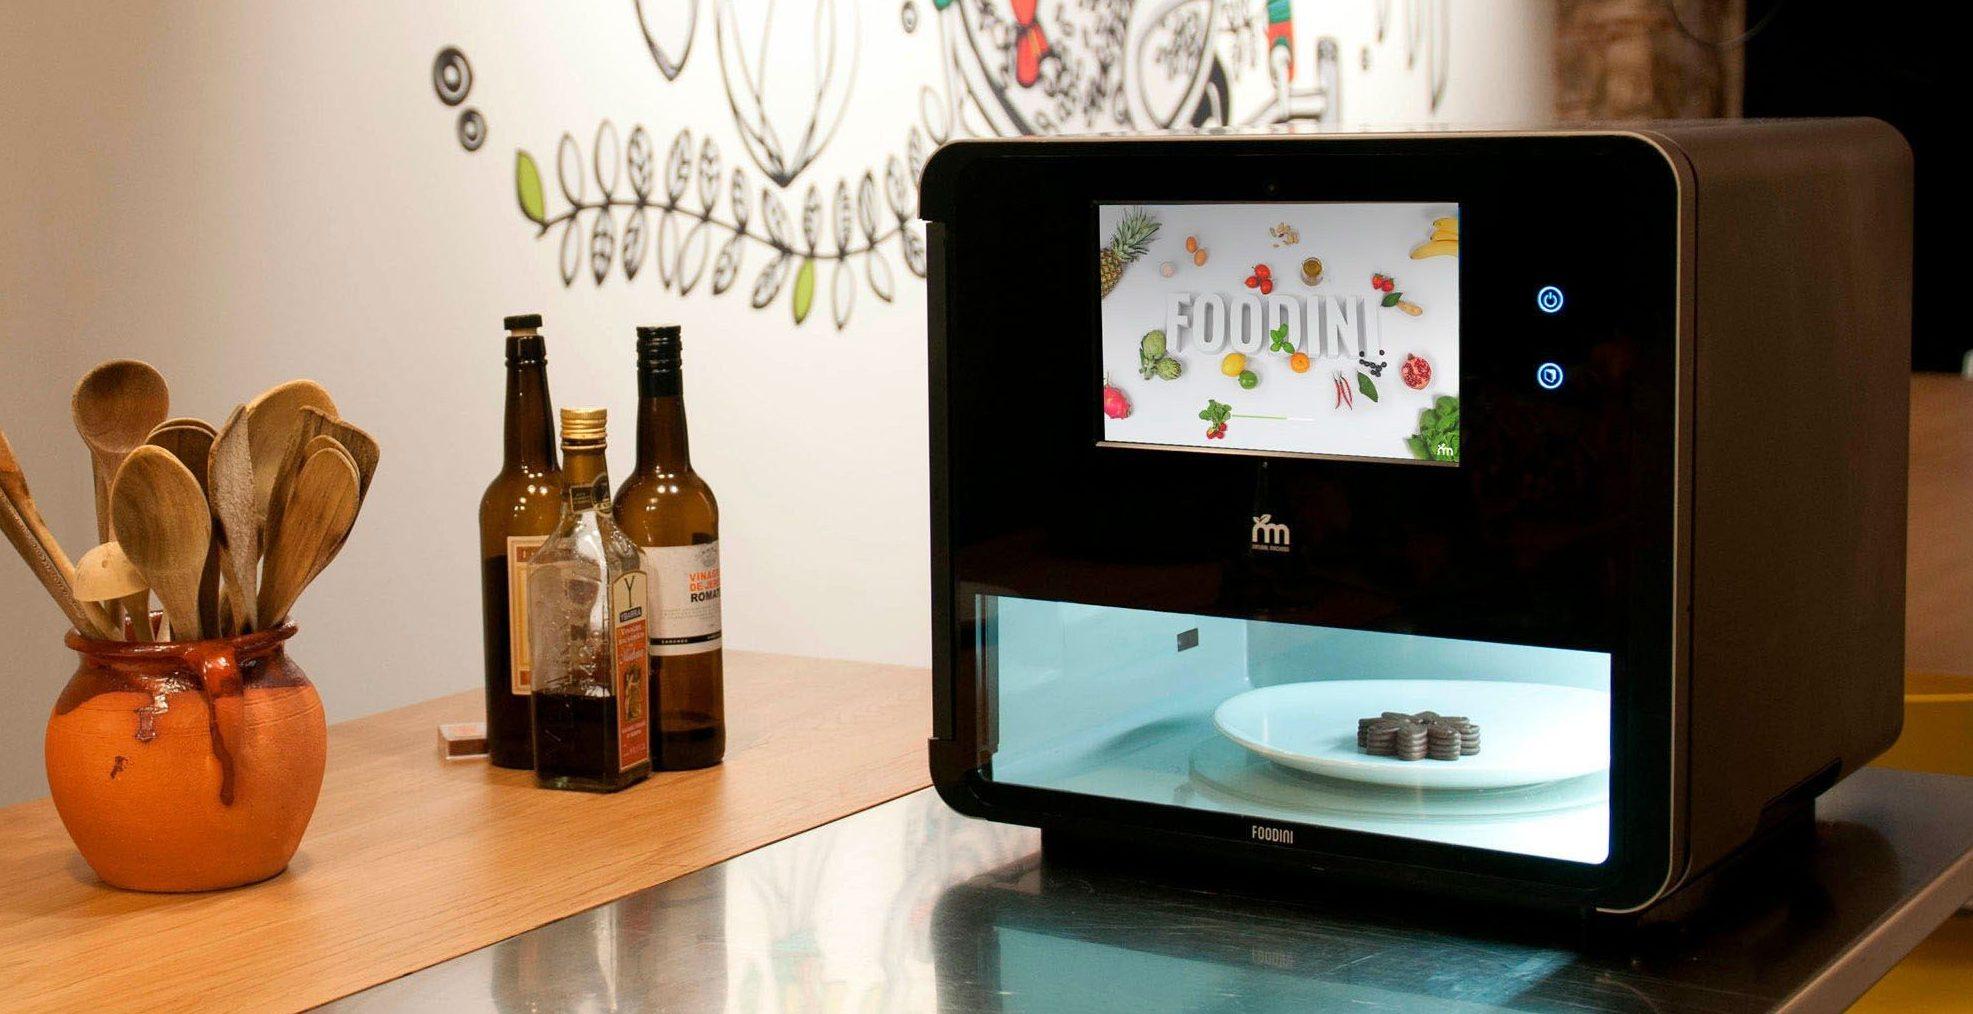 food 3D printers